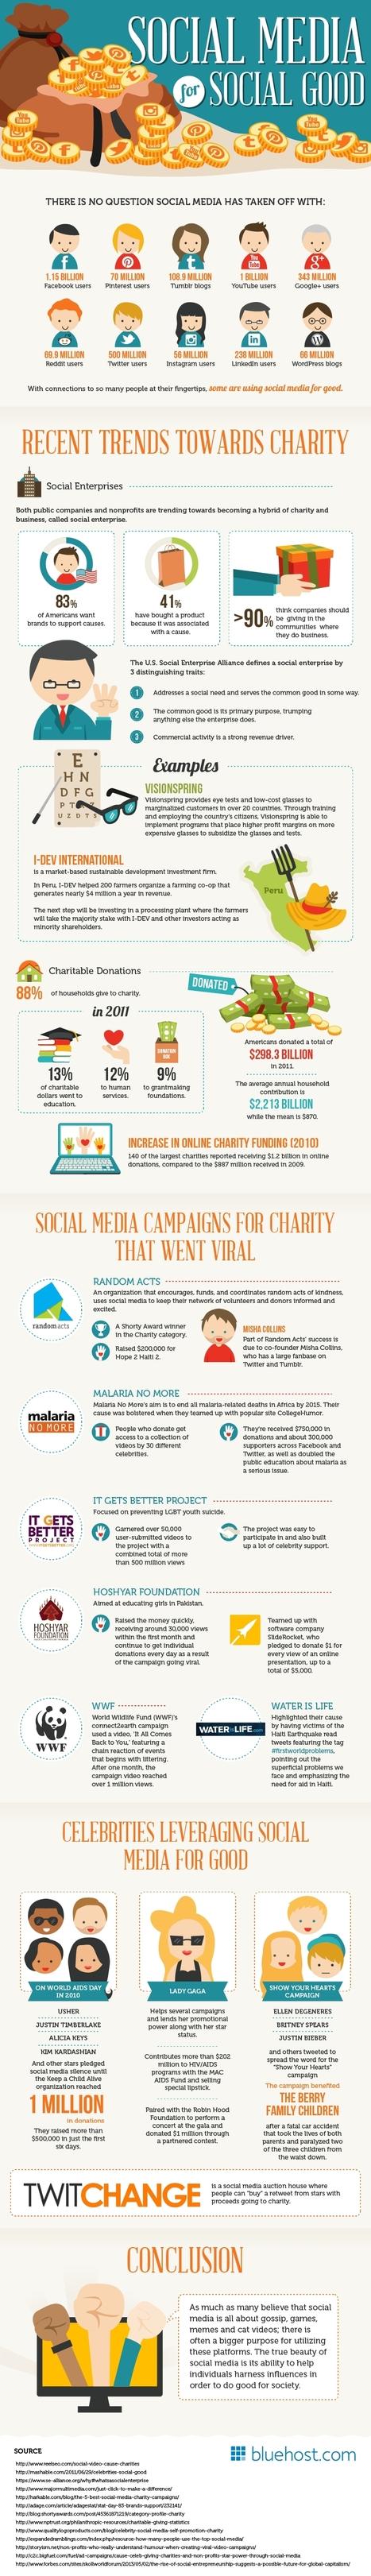 Comment Facebook et les autres médias sociaux sont utilisés pour promouvoir le bien commun | Infographies social media | Scoop.it